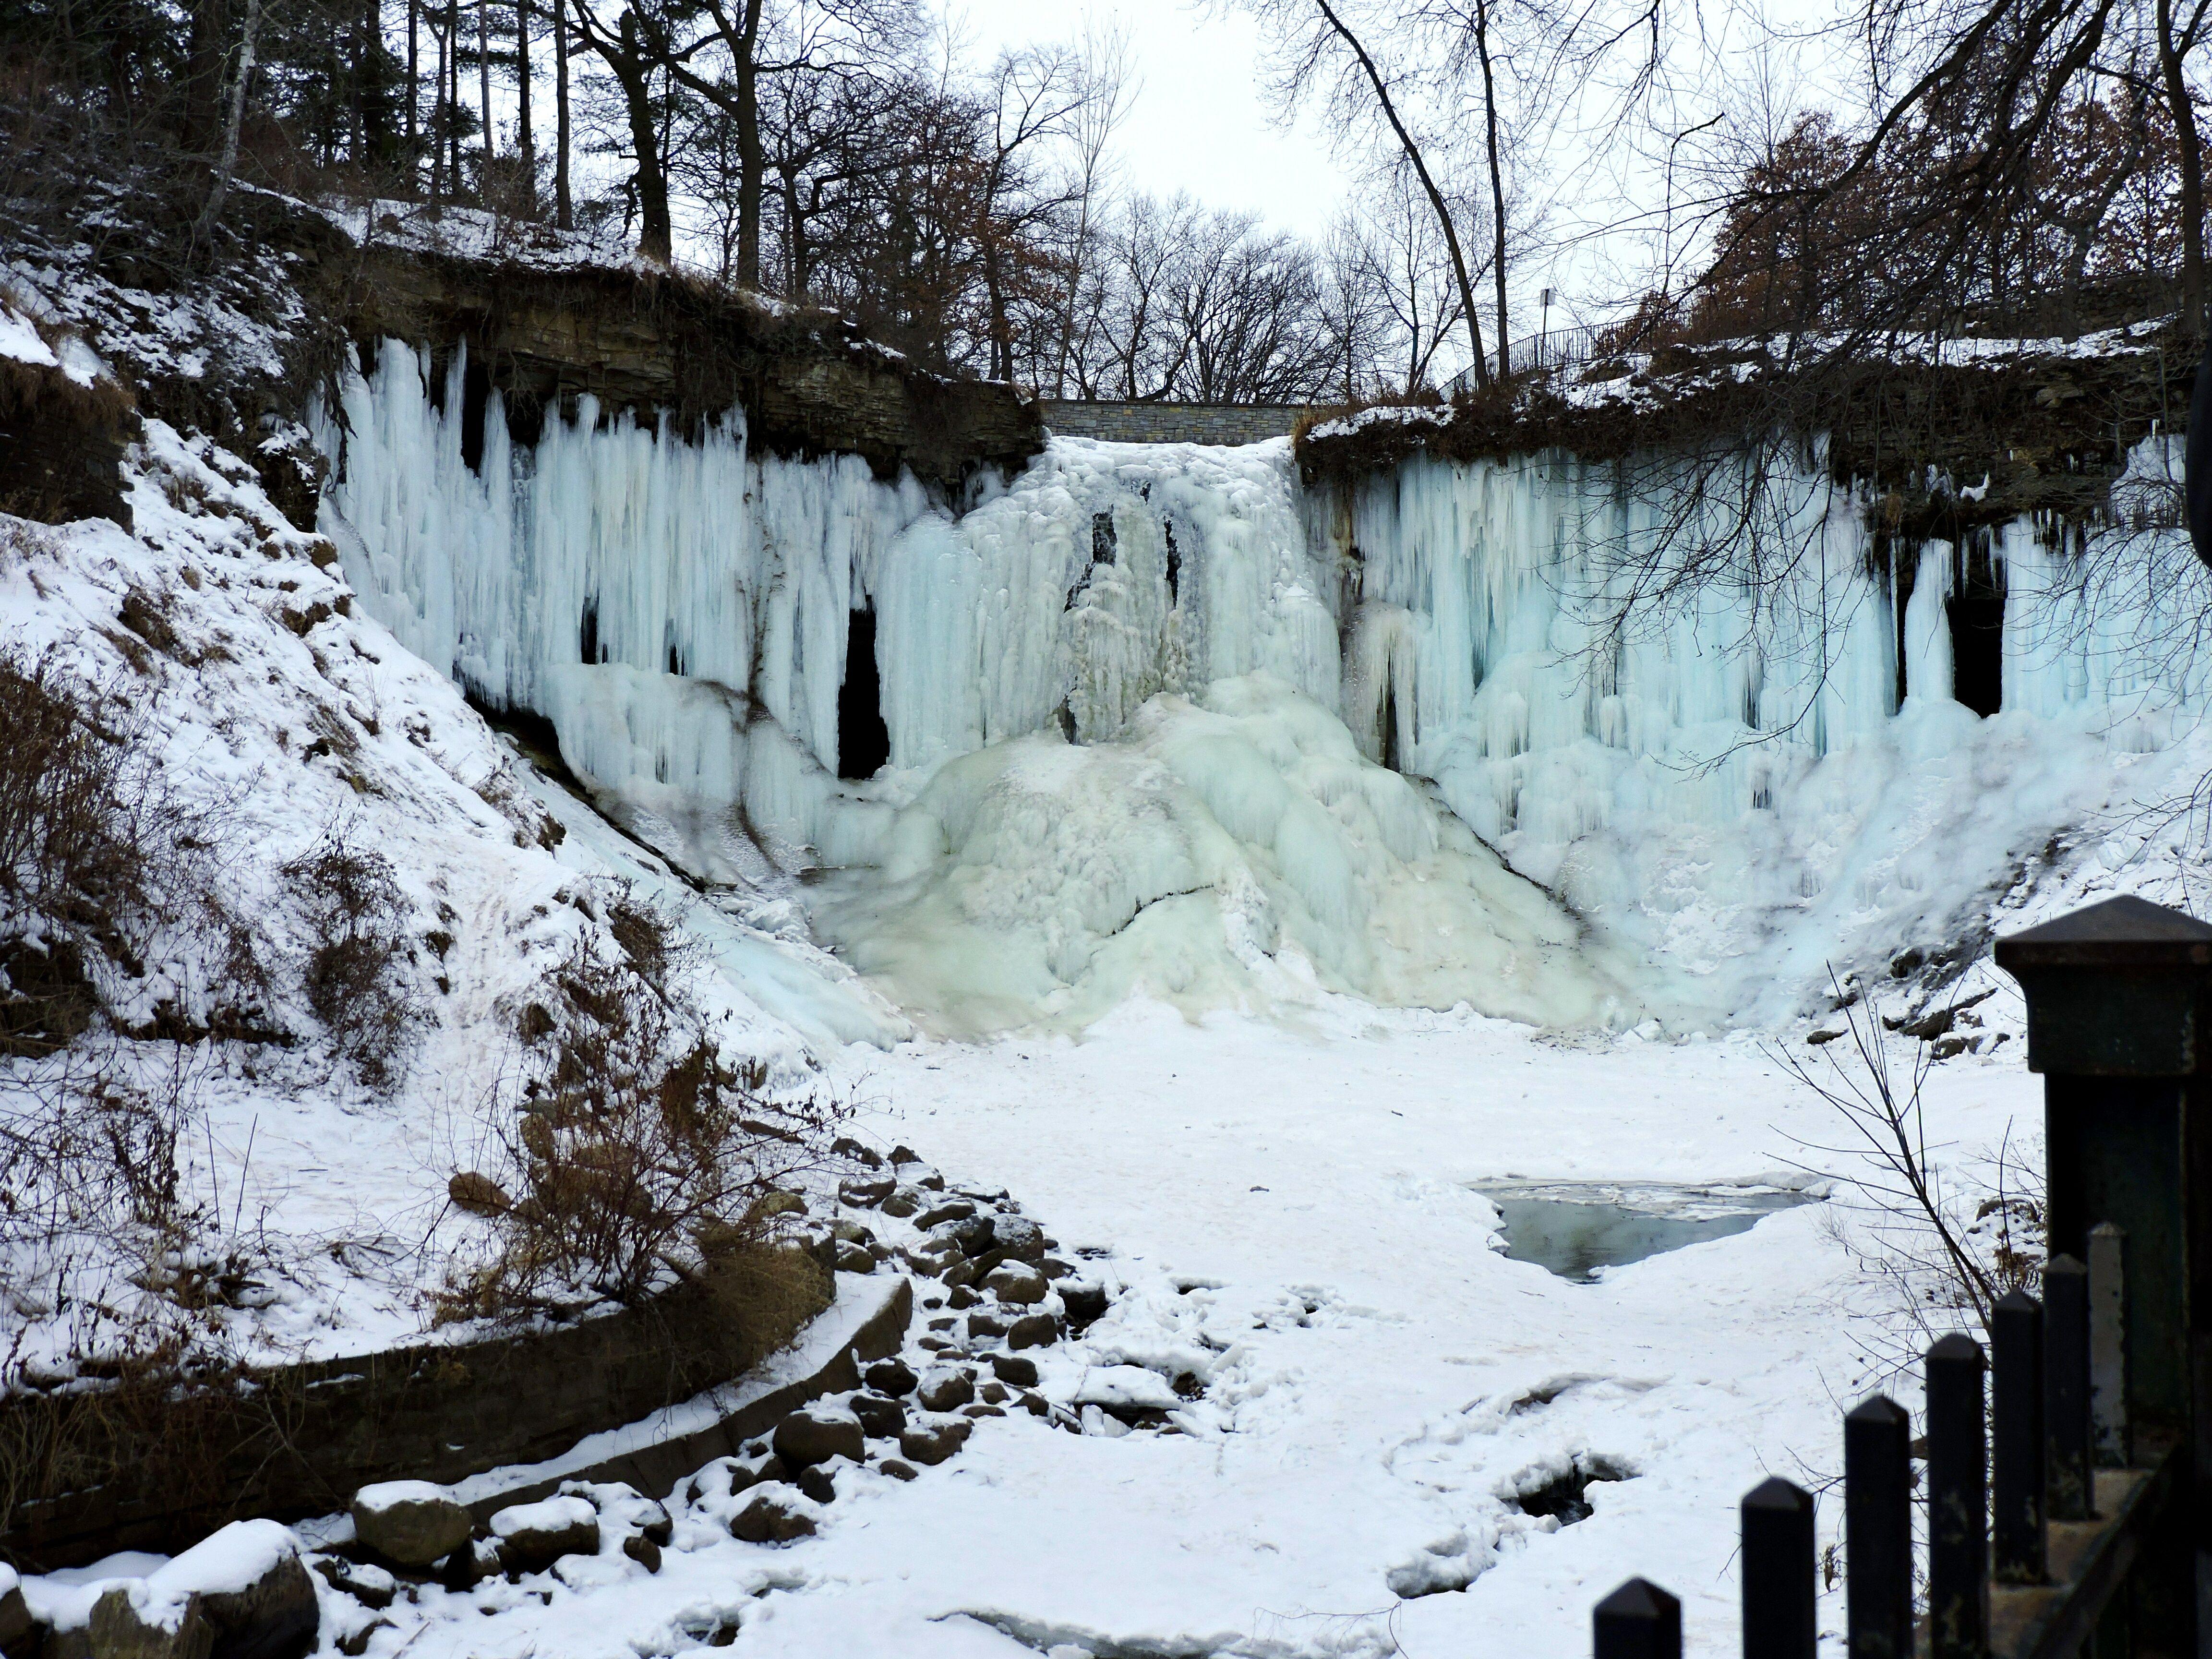 Minnehaha Falls frozen in winter